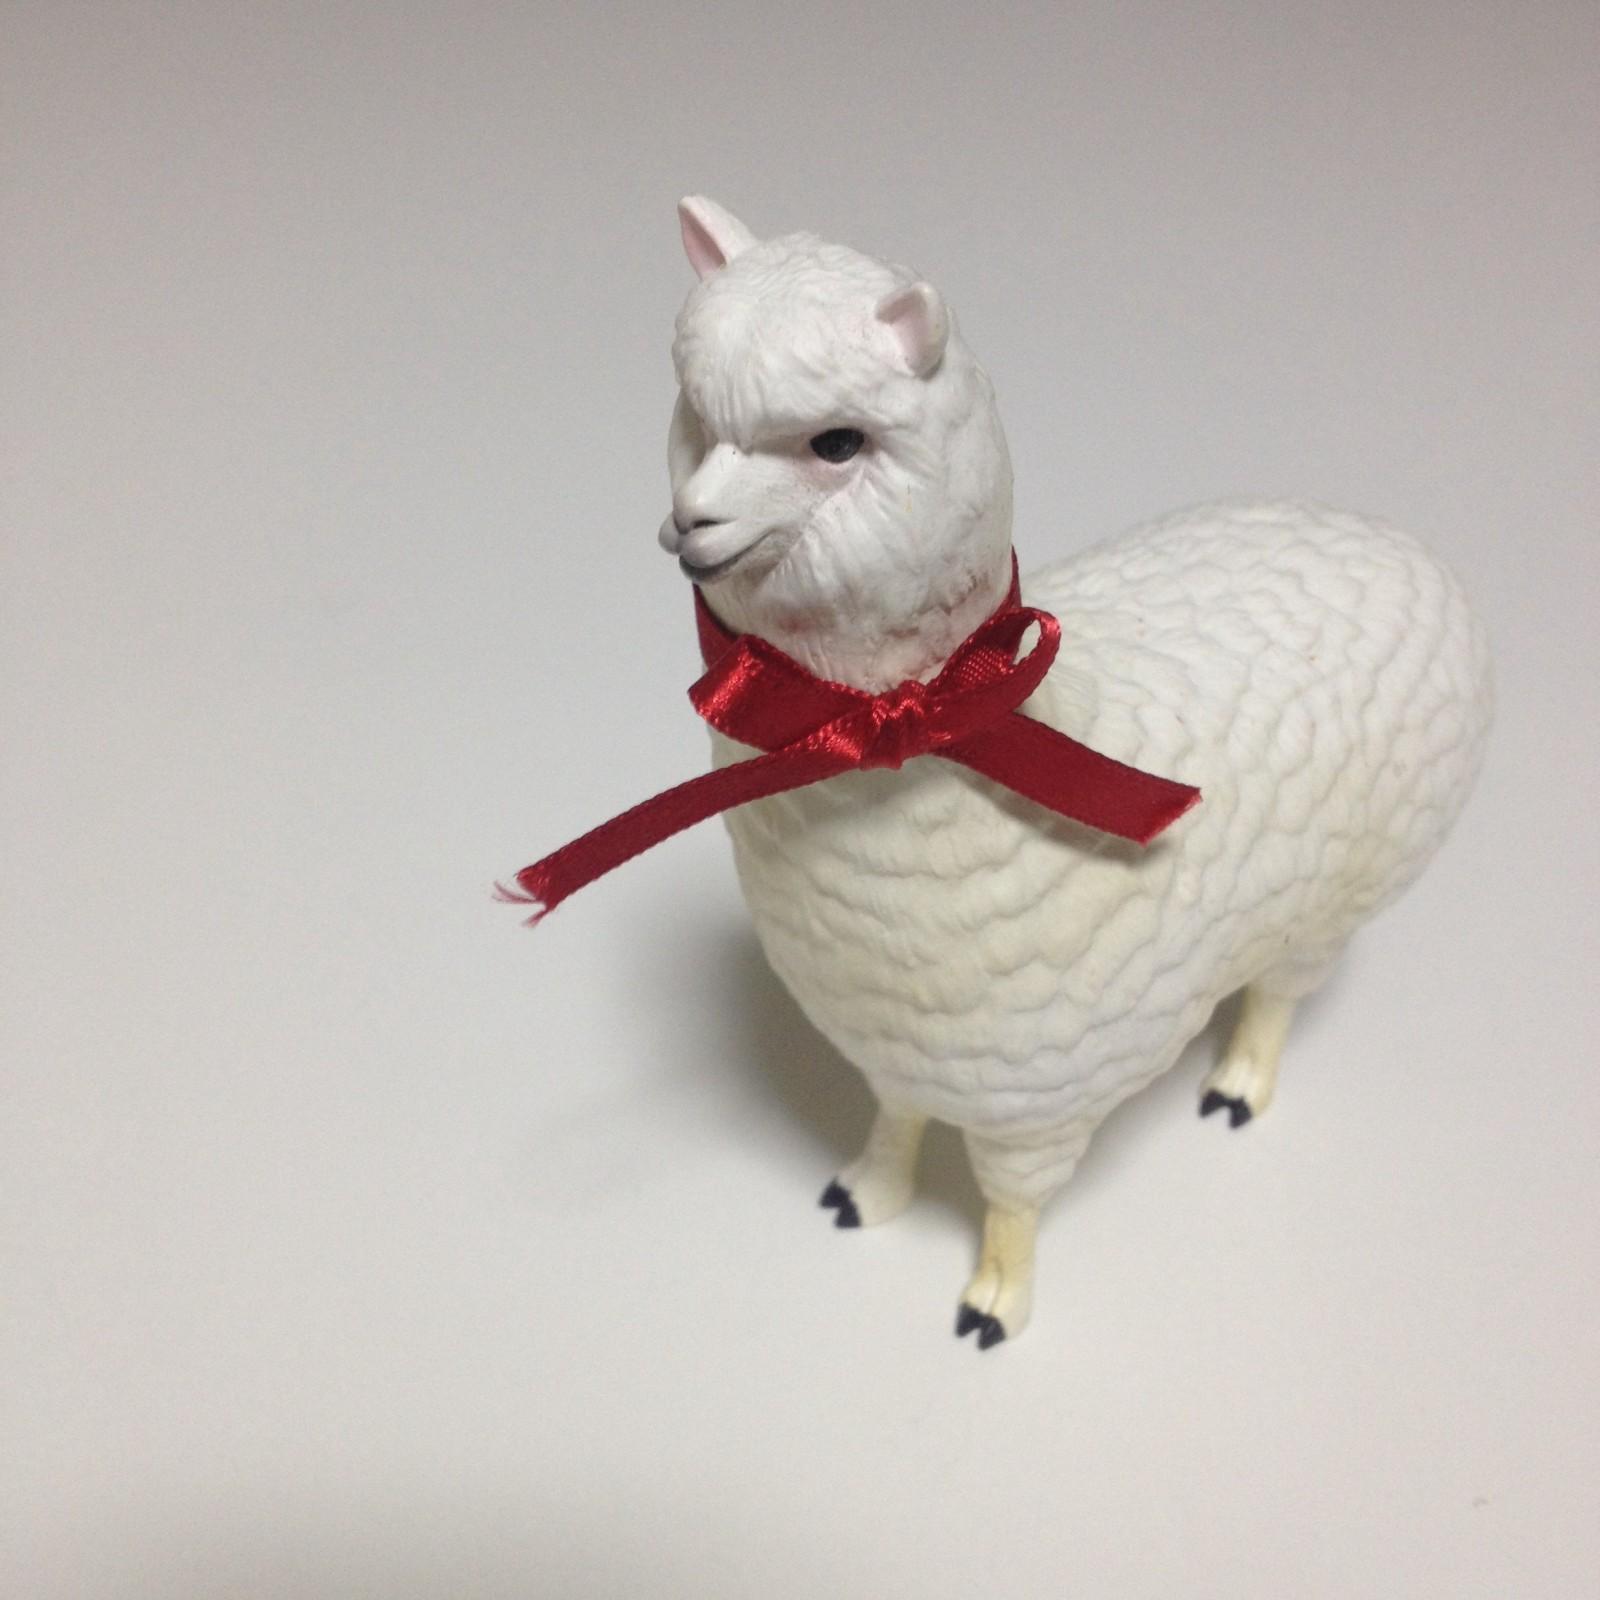 momoさんがアルパカの写真を投稿しました!